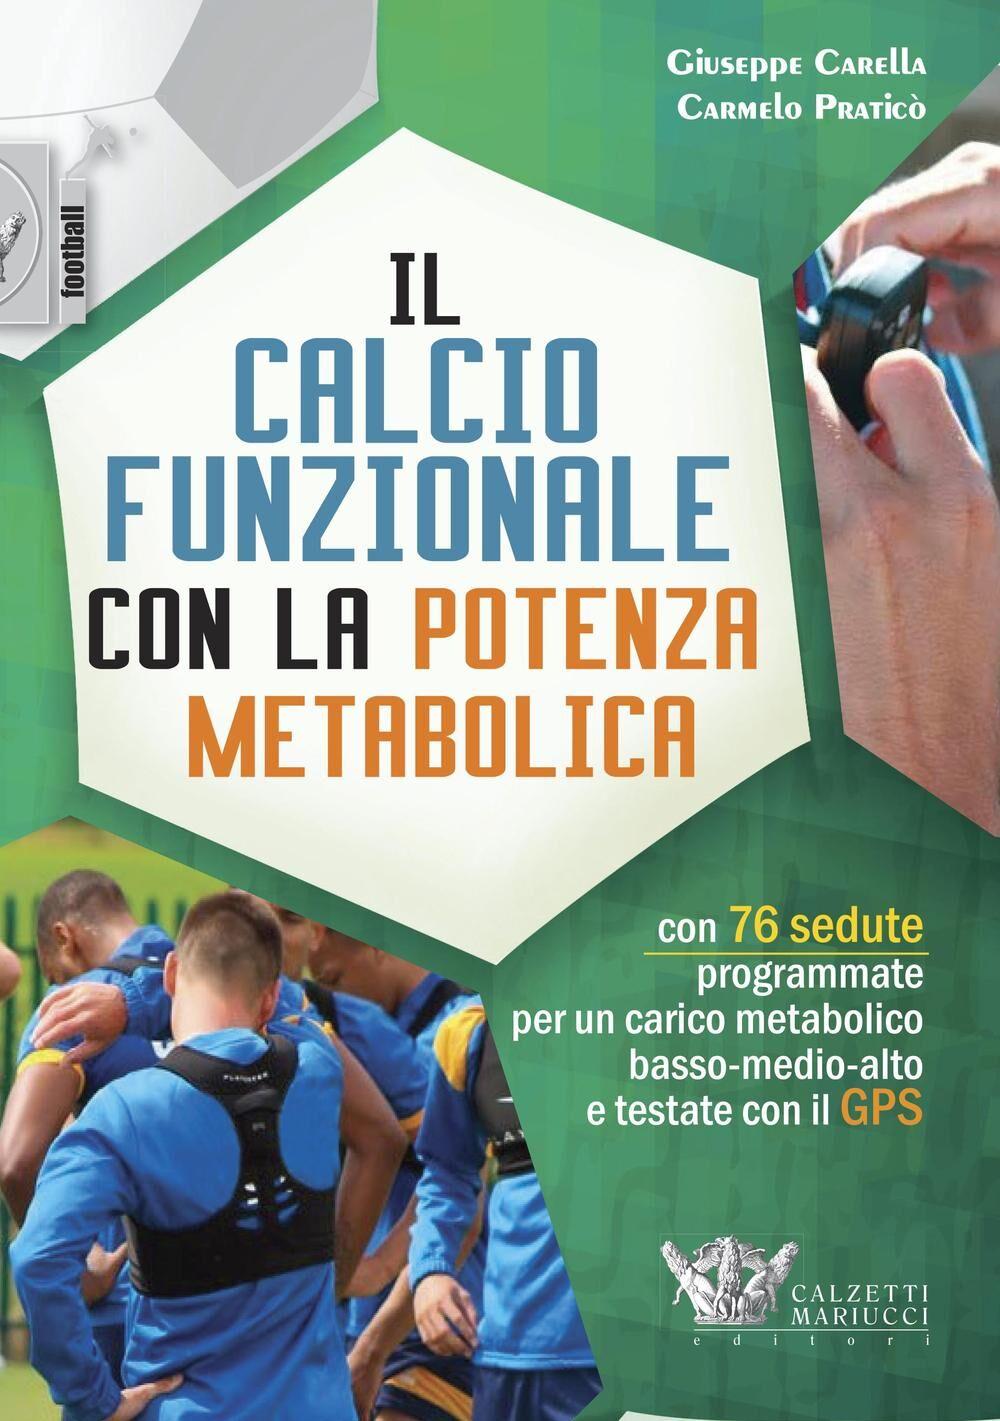 Il calcio funzionale con la potenza metabolica. Con 76 sedute programmate per un carico metabolico basso-medio-alto e testate con il GPS